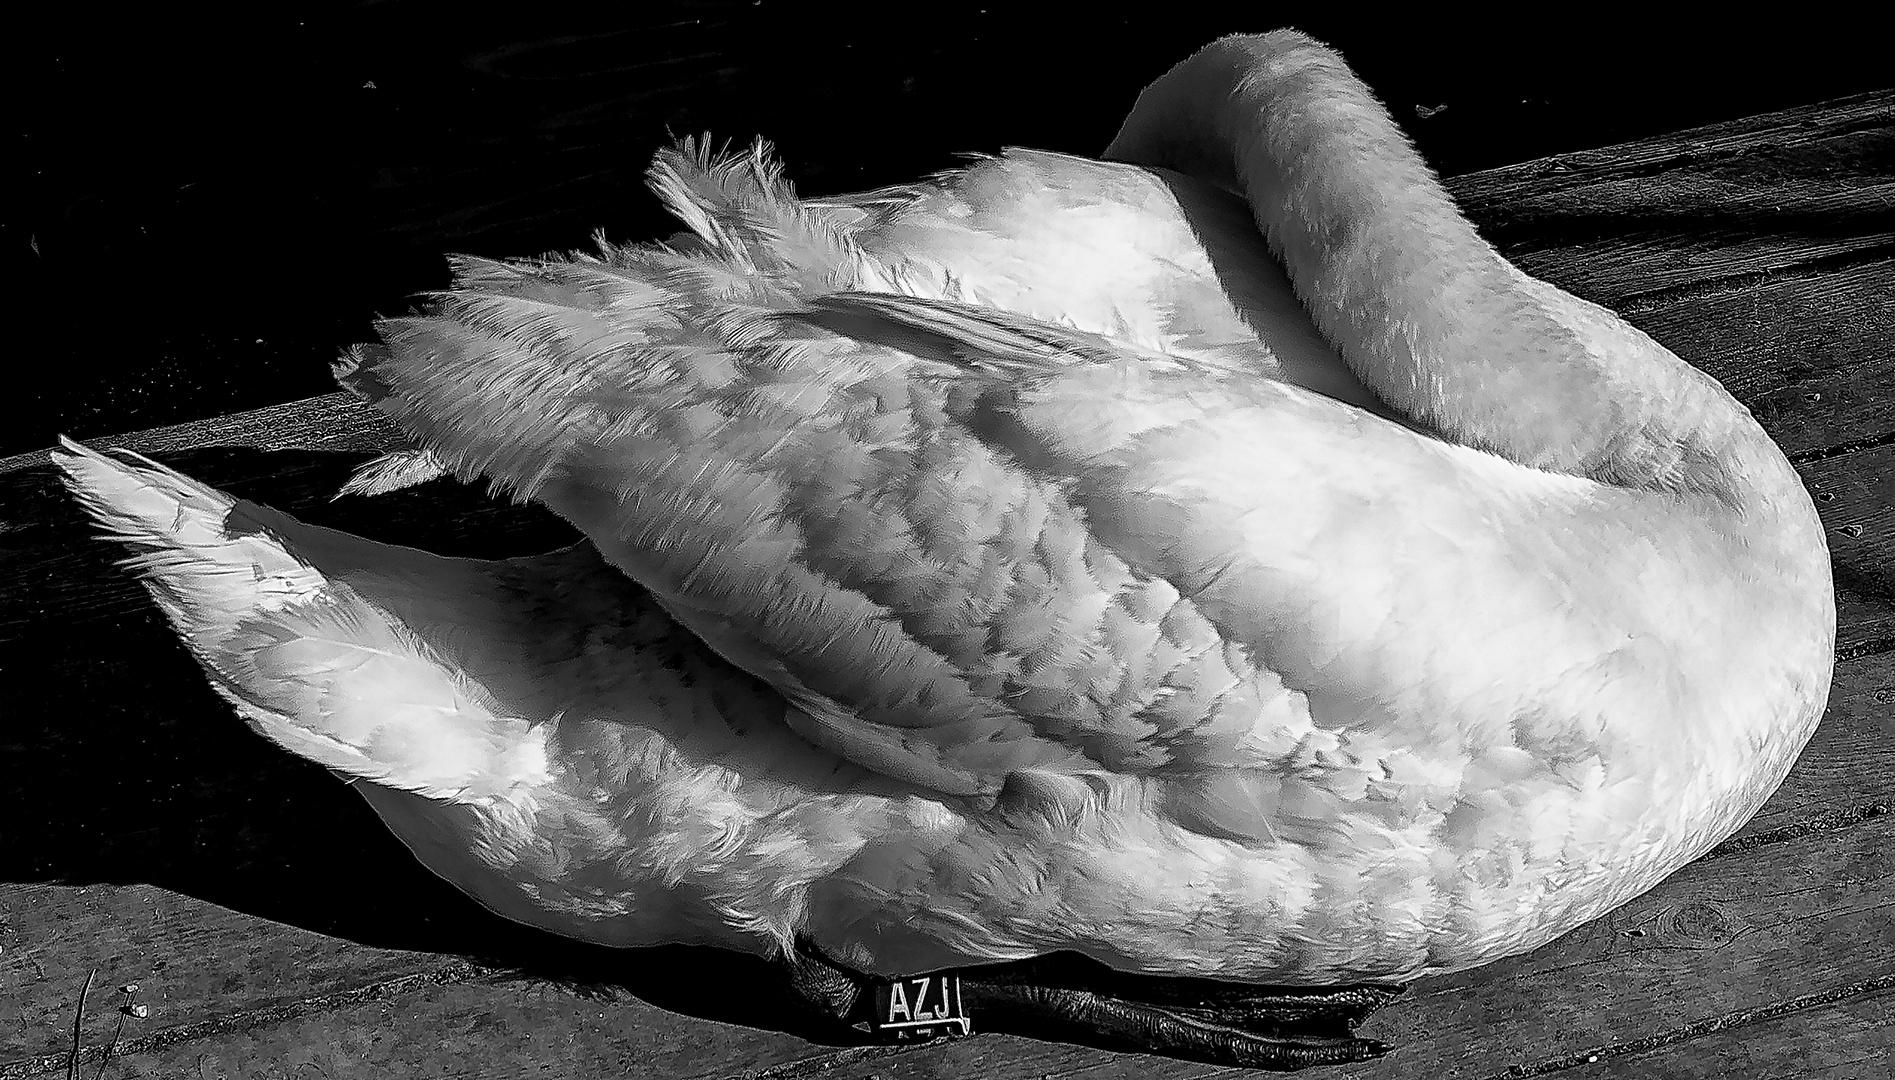 El sueño del cisne.